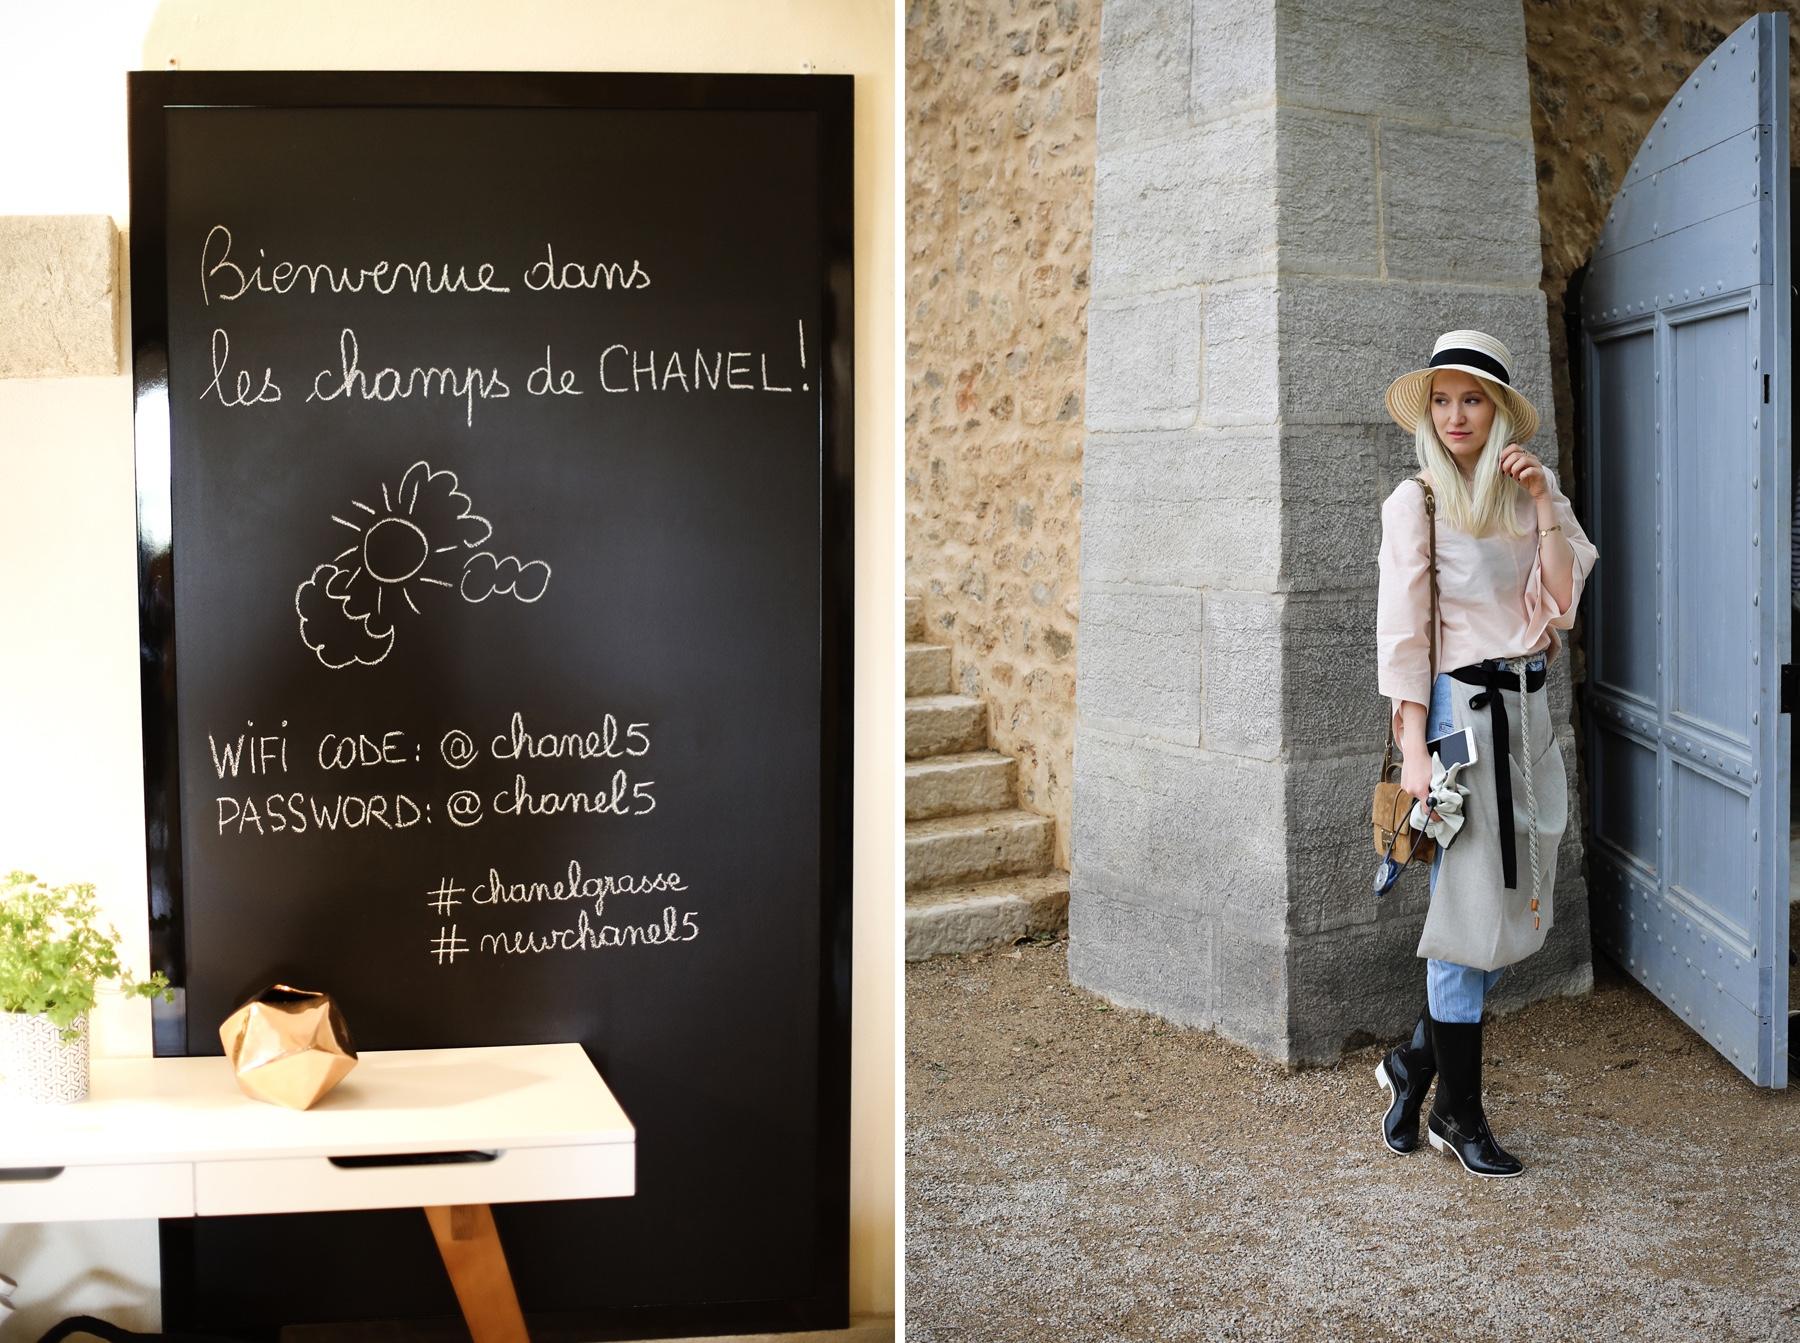 Style-Shiver-Fashion-Chanel-Grasse-12a; Chanel L'eau